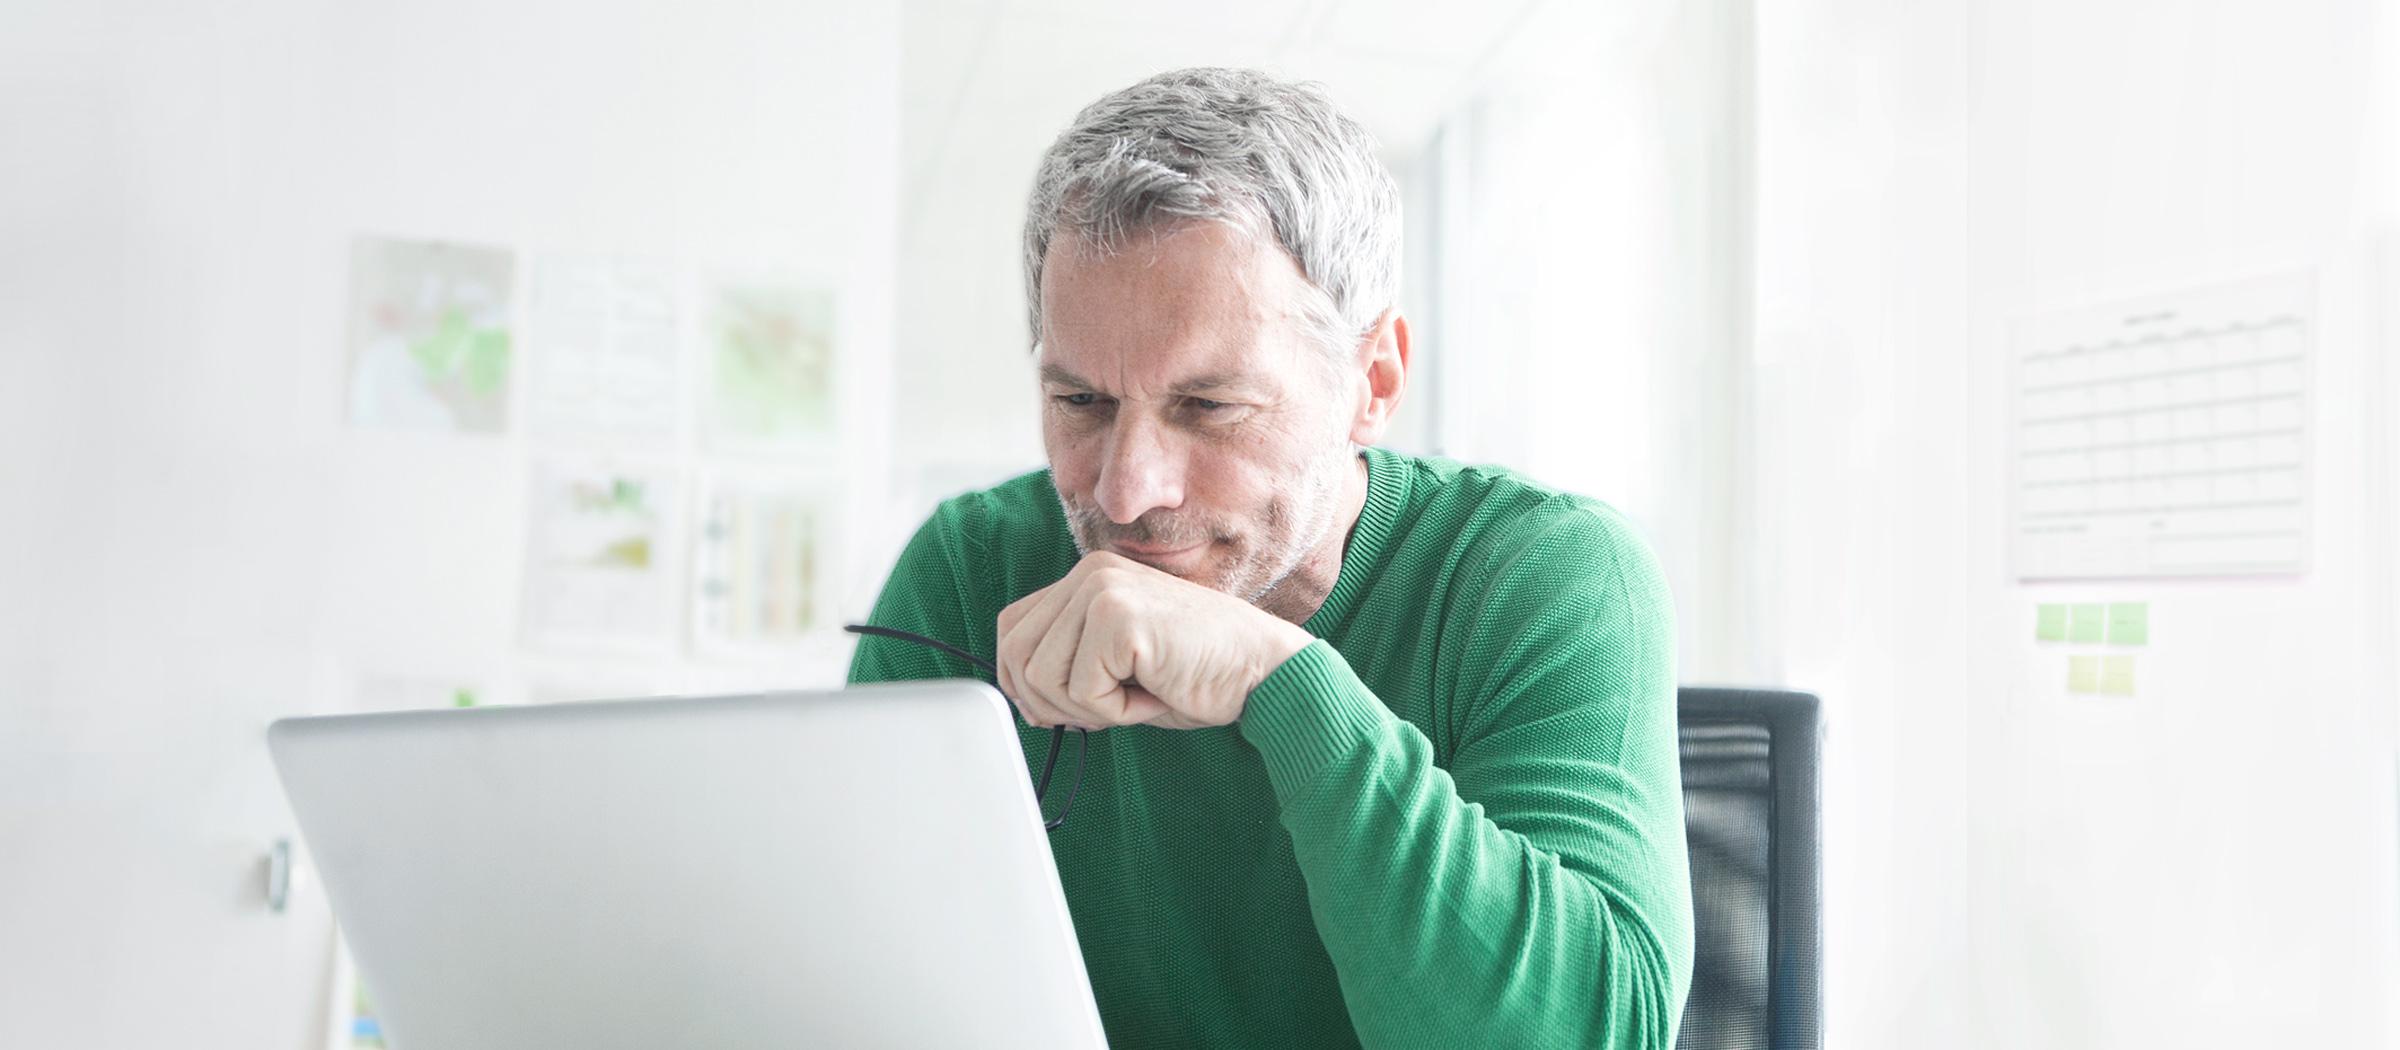 Actualités boursières et conseils de trading de la part de nos experts dans les Newsletters LYNX